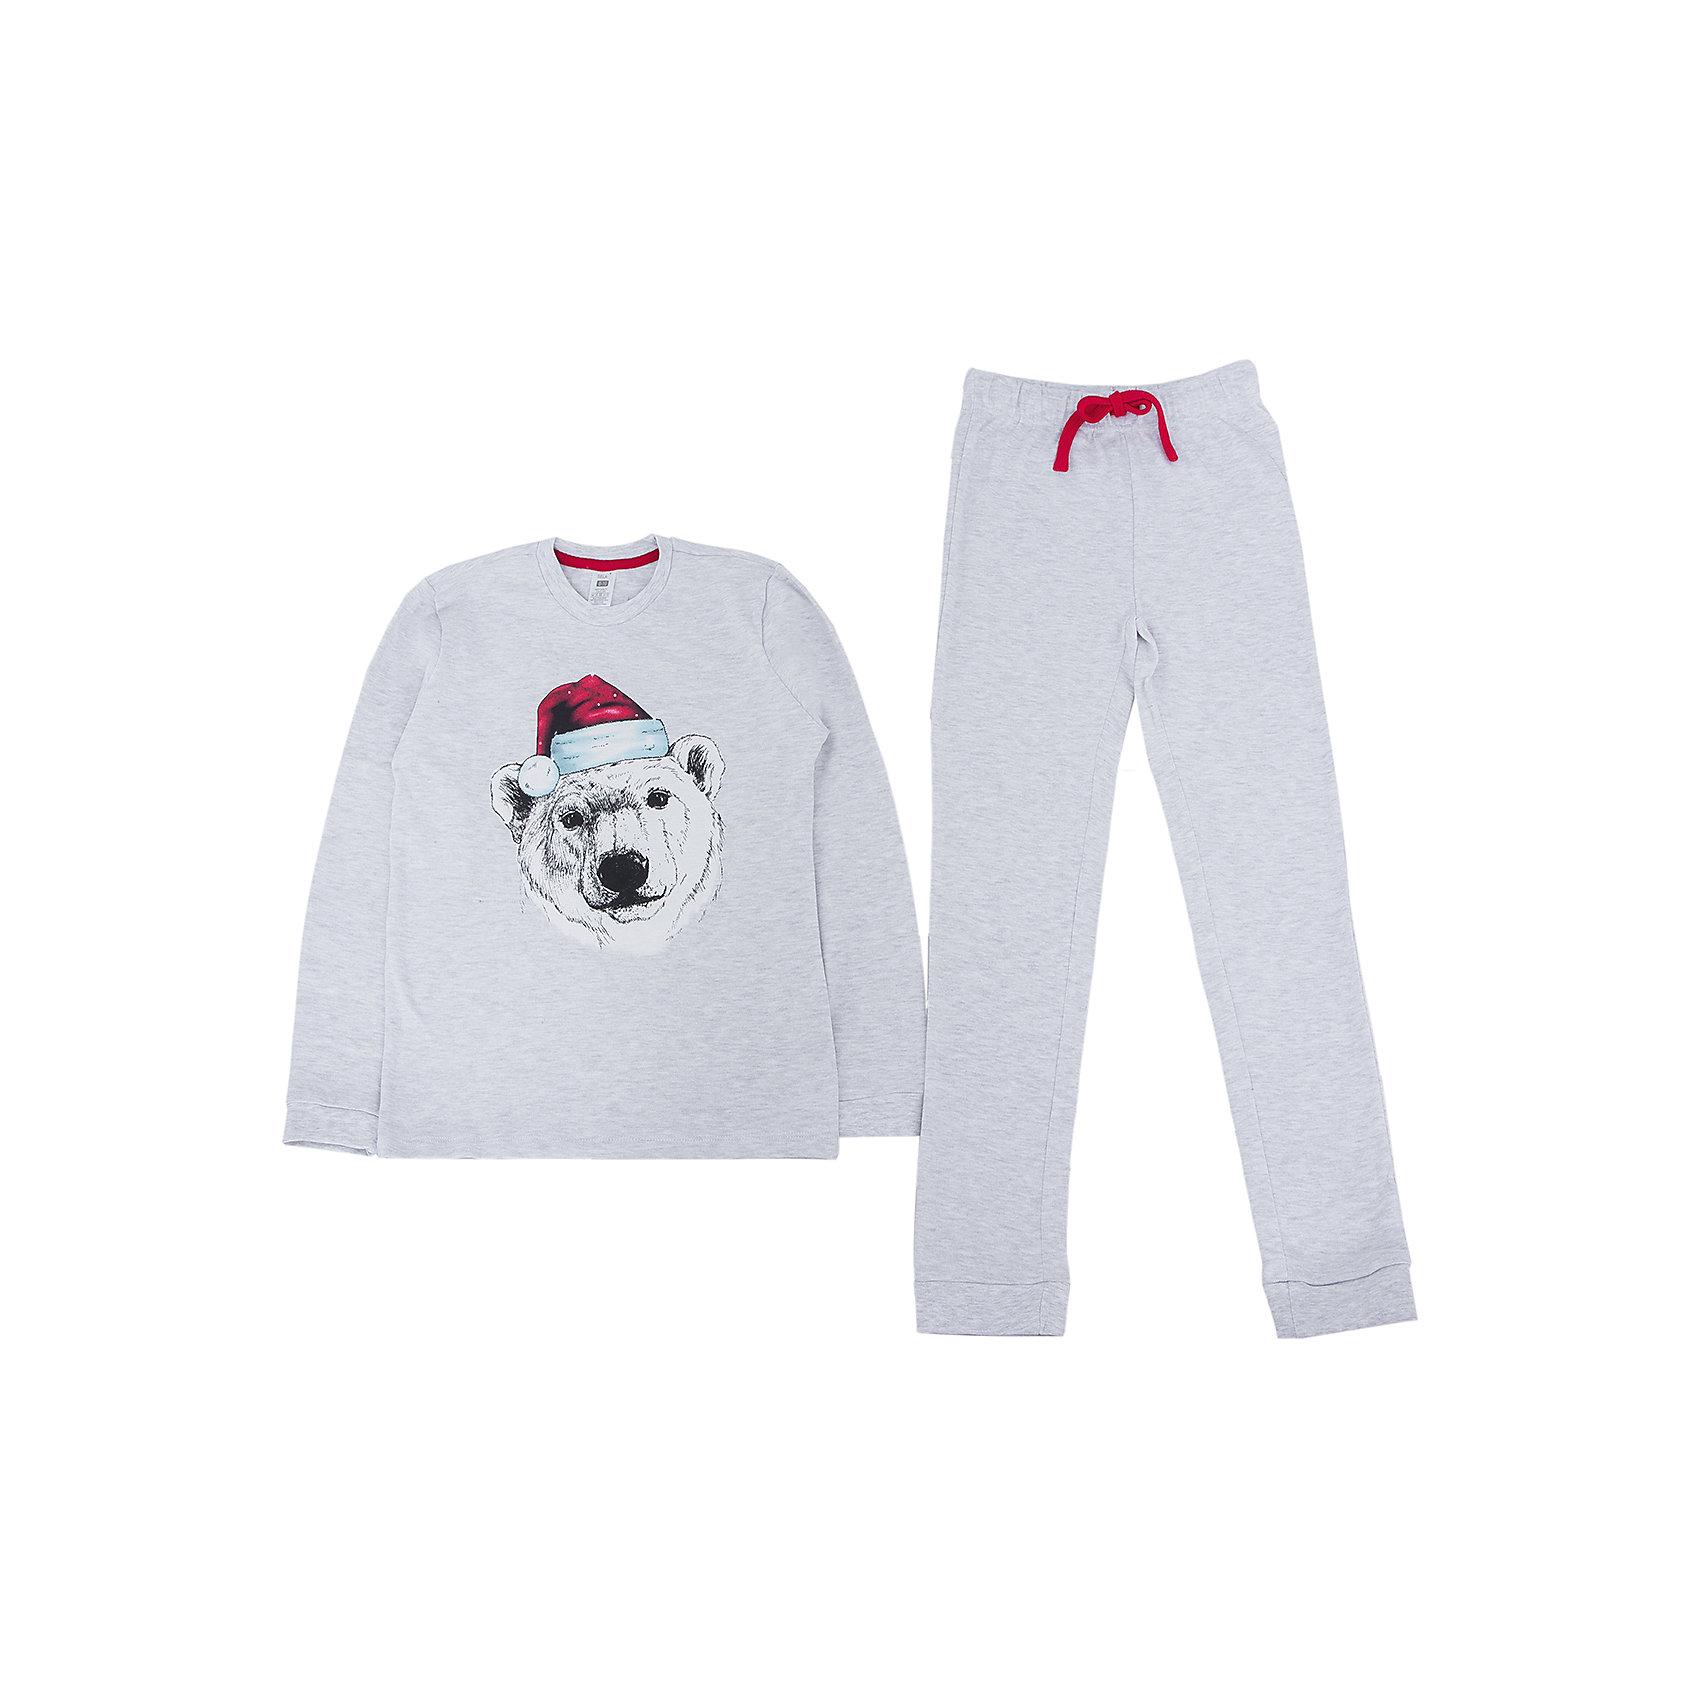 Пижама для мальчика SELAПижама для мальчика из коллекции осень-зима 2016-2017 от известного бренда SELA. Стильная светло-серая хлопковая пижама с длинным рукавом и длинными штанами позволяет коже дышать. В комплект входят кофта с резинками на манжетах и штаны в тон, также с резинками на манжетах. На штанах имеется практичный красный шнурок, позволяющий контролировать эластичную резинку. Яркий принт с белым медведем наполняет мыслями о Новогодних праздниках и зимнем веселье.<br> <br>Дополнительная информация:<br>- в комплект входят: кофта и штаны <br><br>Состав: 93% хлопок 7% ПЭ <br><br>Пижаму для мальчиков Sela можно купить в нашем интернет-магазине.<br>.<br>Подробнее:<br>• Для детей в возрасте: от 6 до 12 лет<br>• Номер товара: 4913313<br>Страна производитель: Индия<br><br>Ширина мм: 281<br>Глубина мм: 70<br>Высота мм: 188<br>Вес г: 295<br>Цвет: серый<br>Возраст от месяцев: 24<br>Возраст до месяцев: 36<br>Пол: Мужской<br>Возраст: Детский<br>Размер: 92/98,104/110,116/122,128/134<br>SKU: 4913312